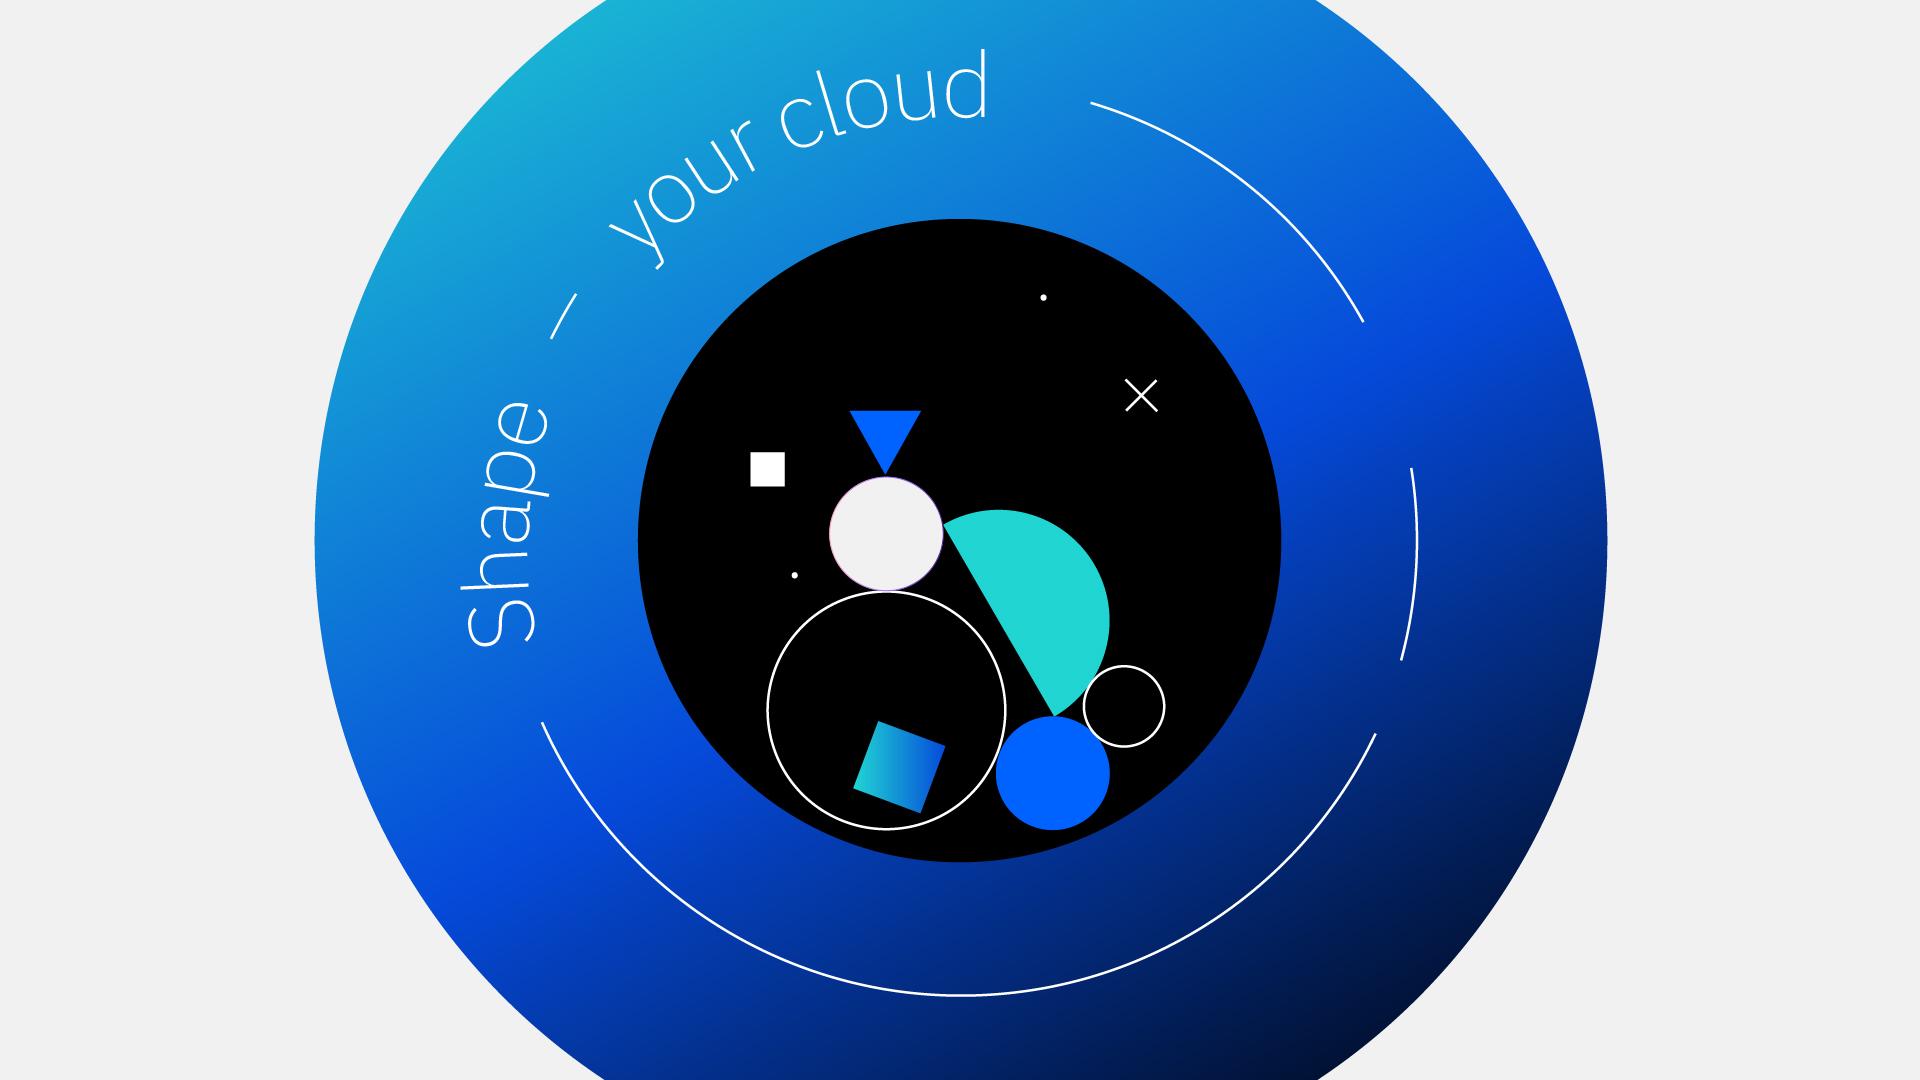 IBM_SHAPE-YOUR-CLOUD_DC_EDITS_BH_IBM-2.jpg